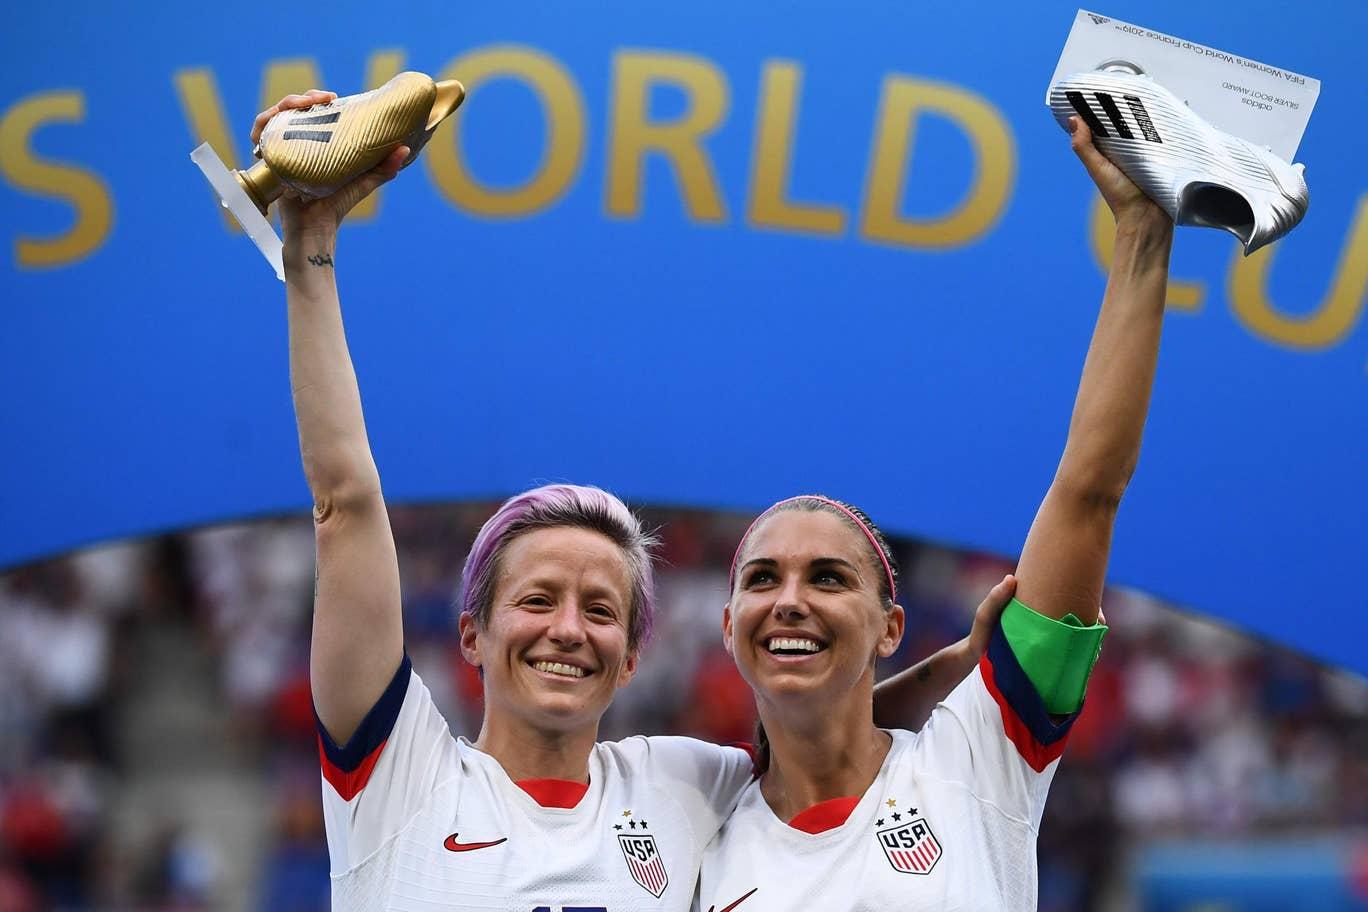 اختلاف فاحش دستمزد بین بازیکنان زن و مرد دنیای فوتبال و شکایت تیم زنان ایالات متحده